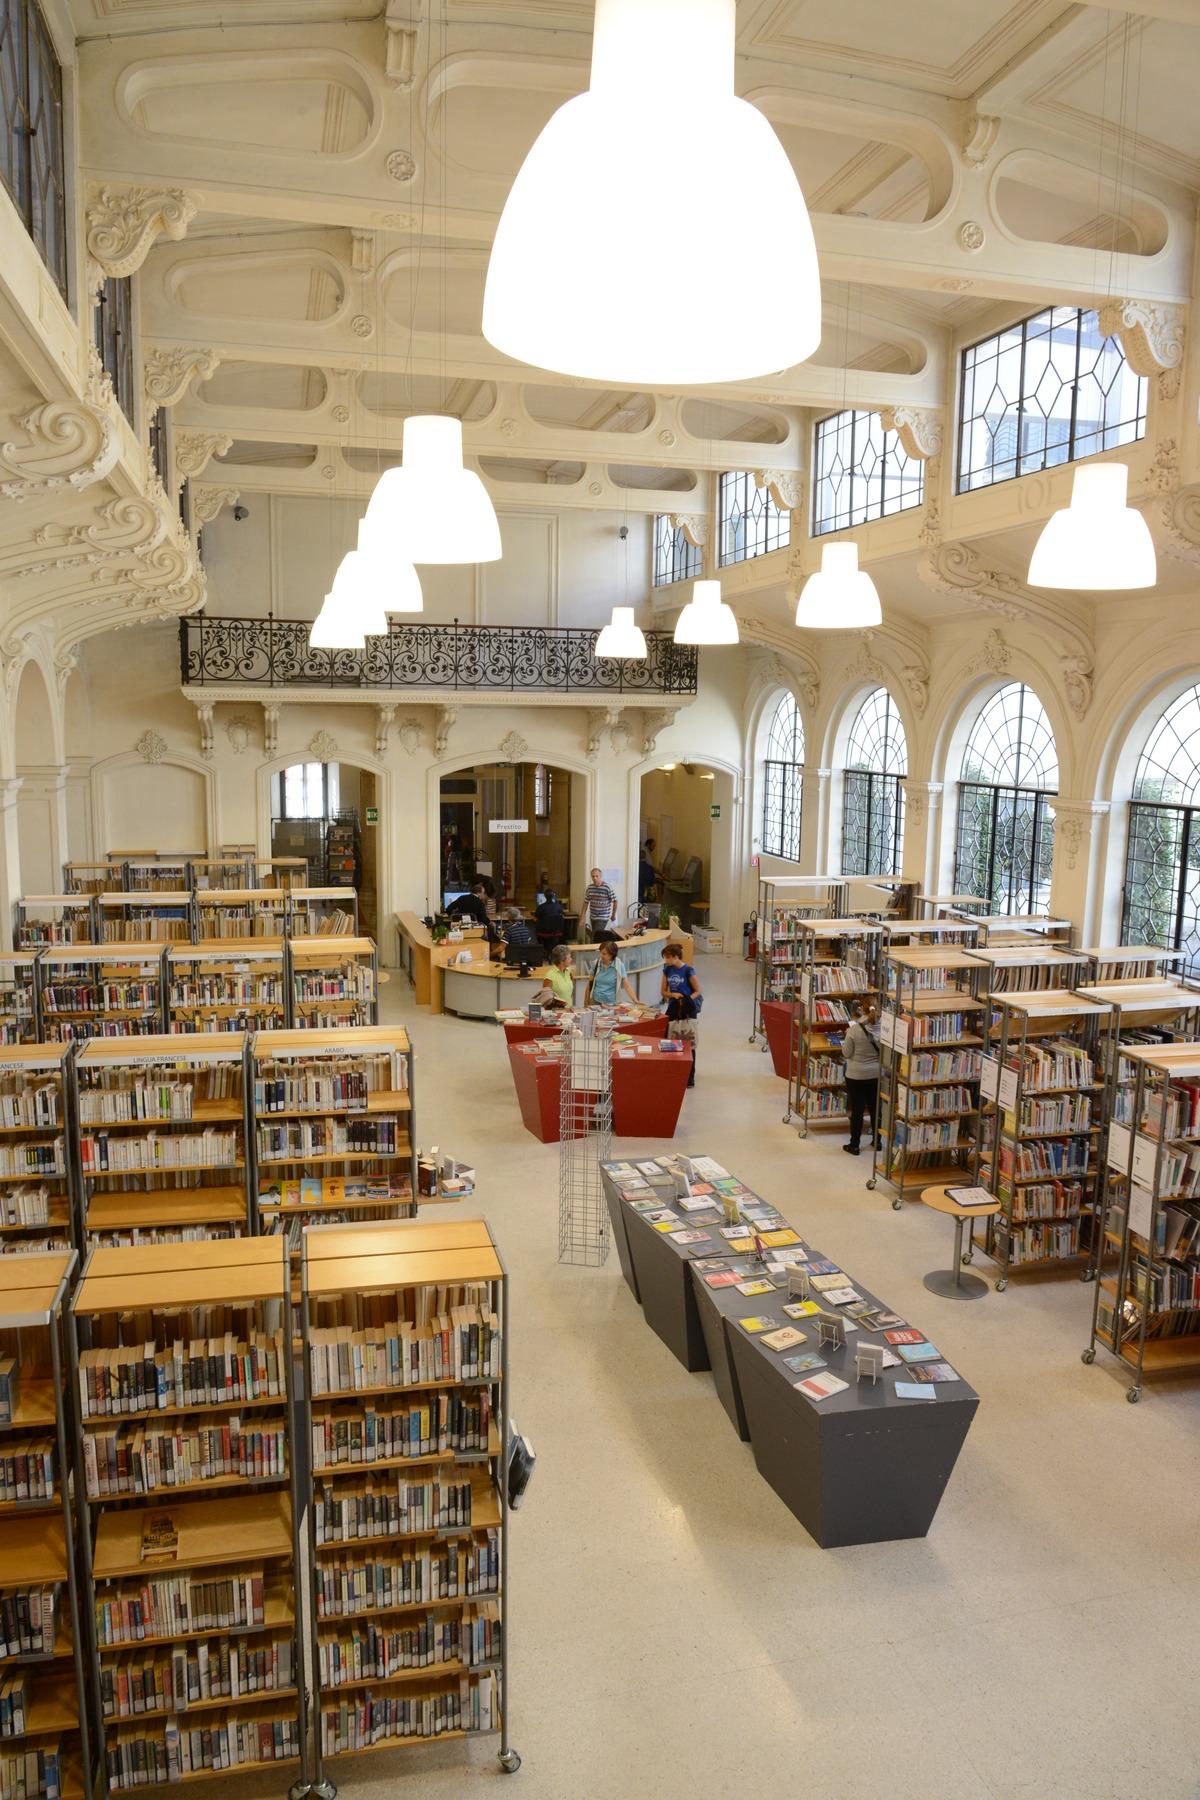 Biblioteca comunale di Trento  Wikipedia